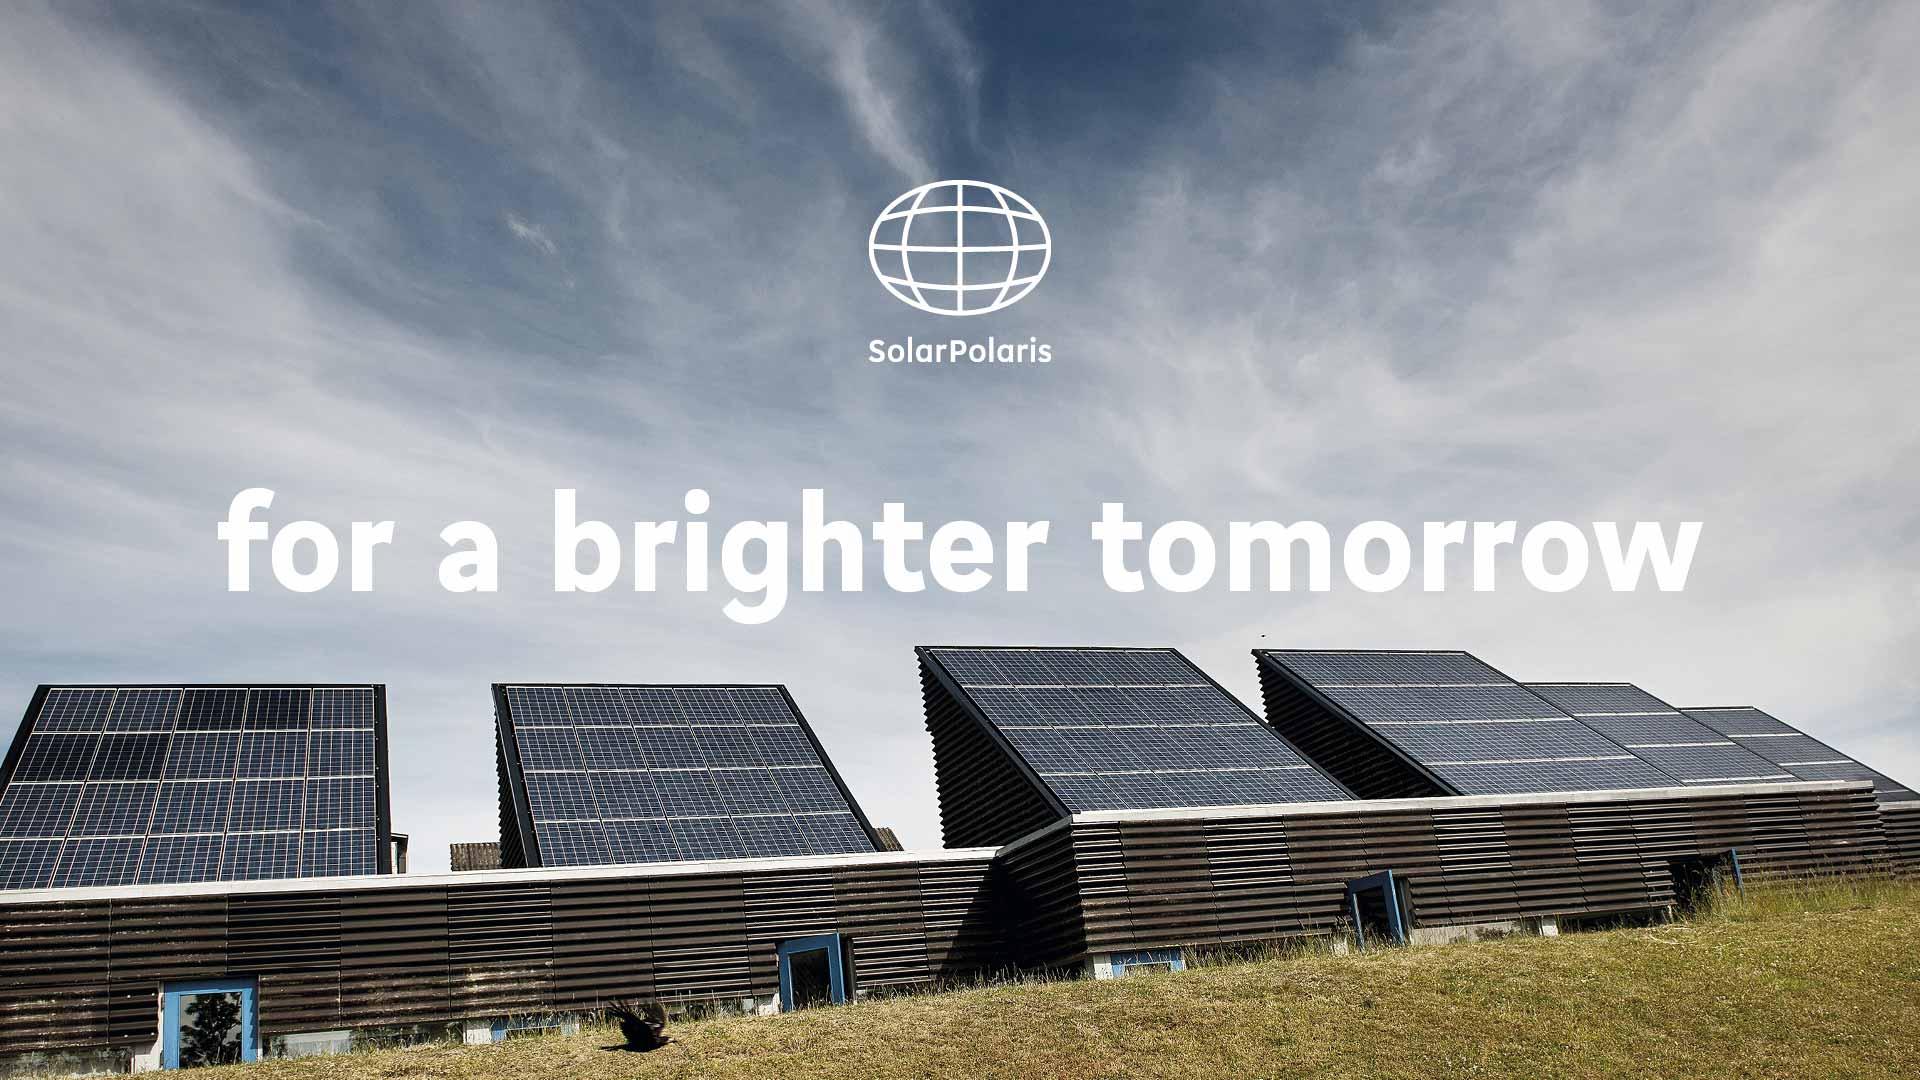 solceller ovenpå hovedkvarter for Solar Polaris med slogan